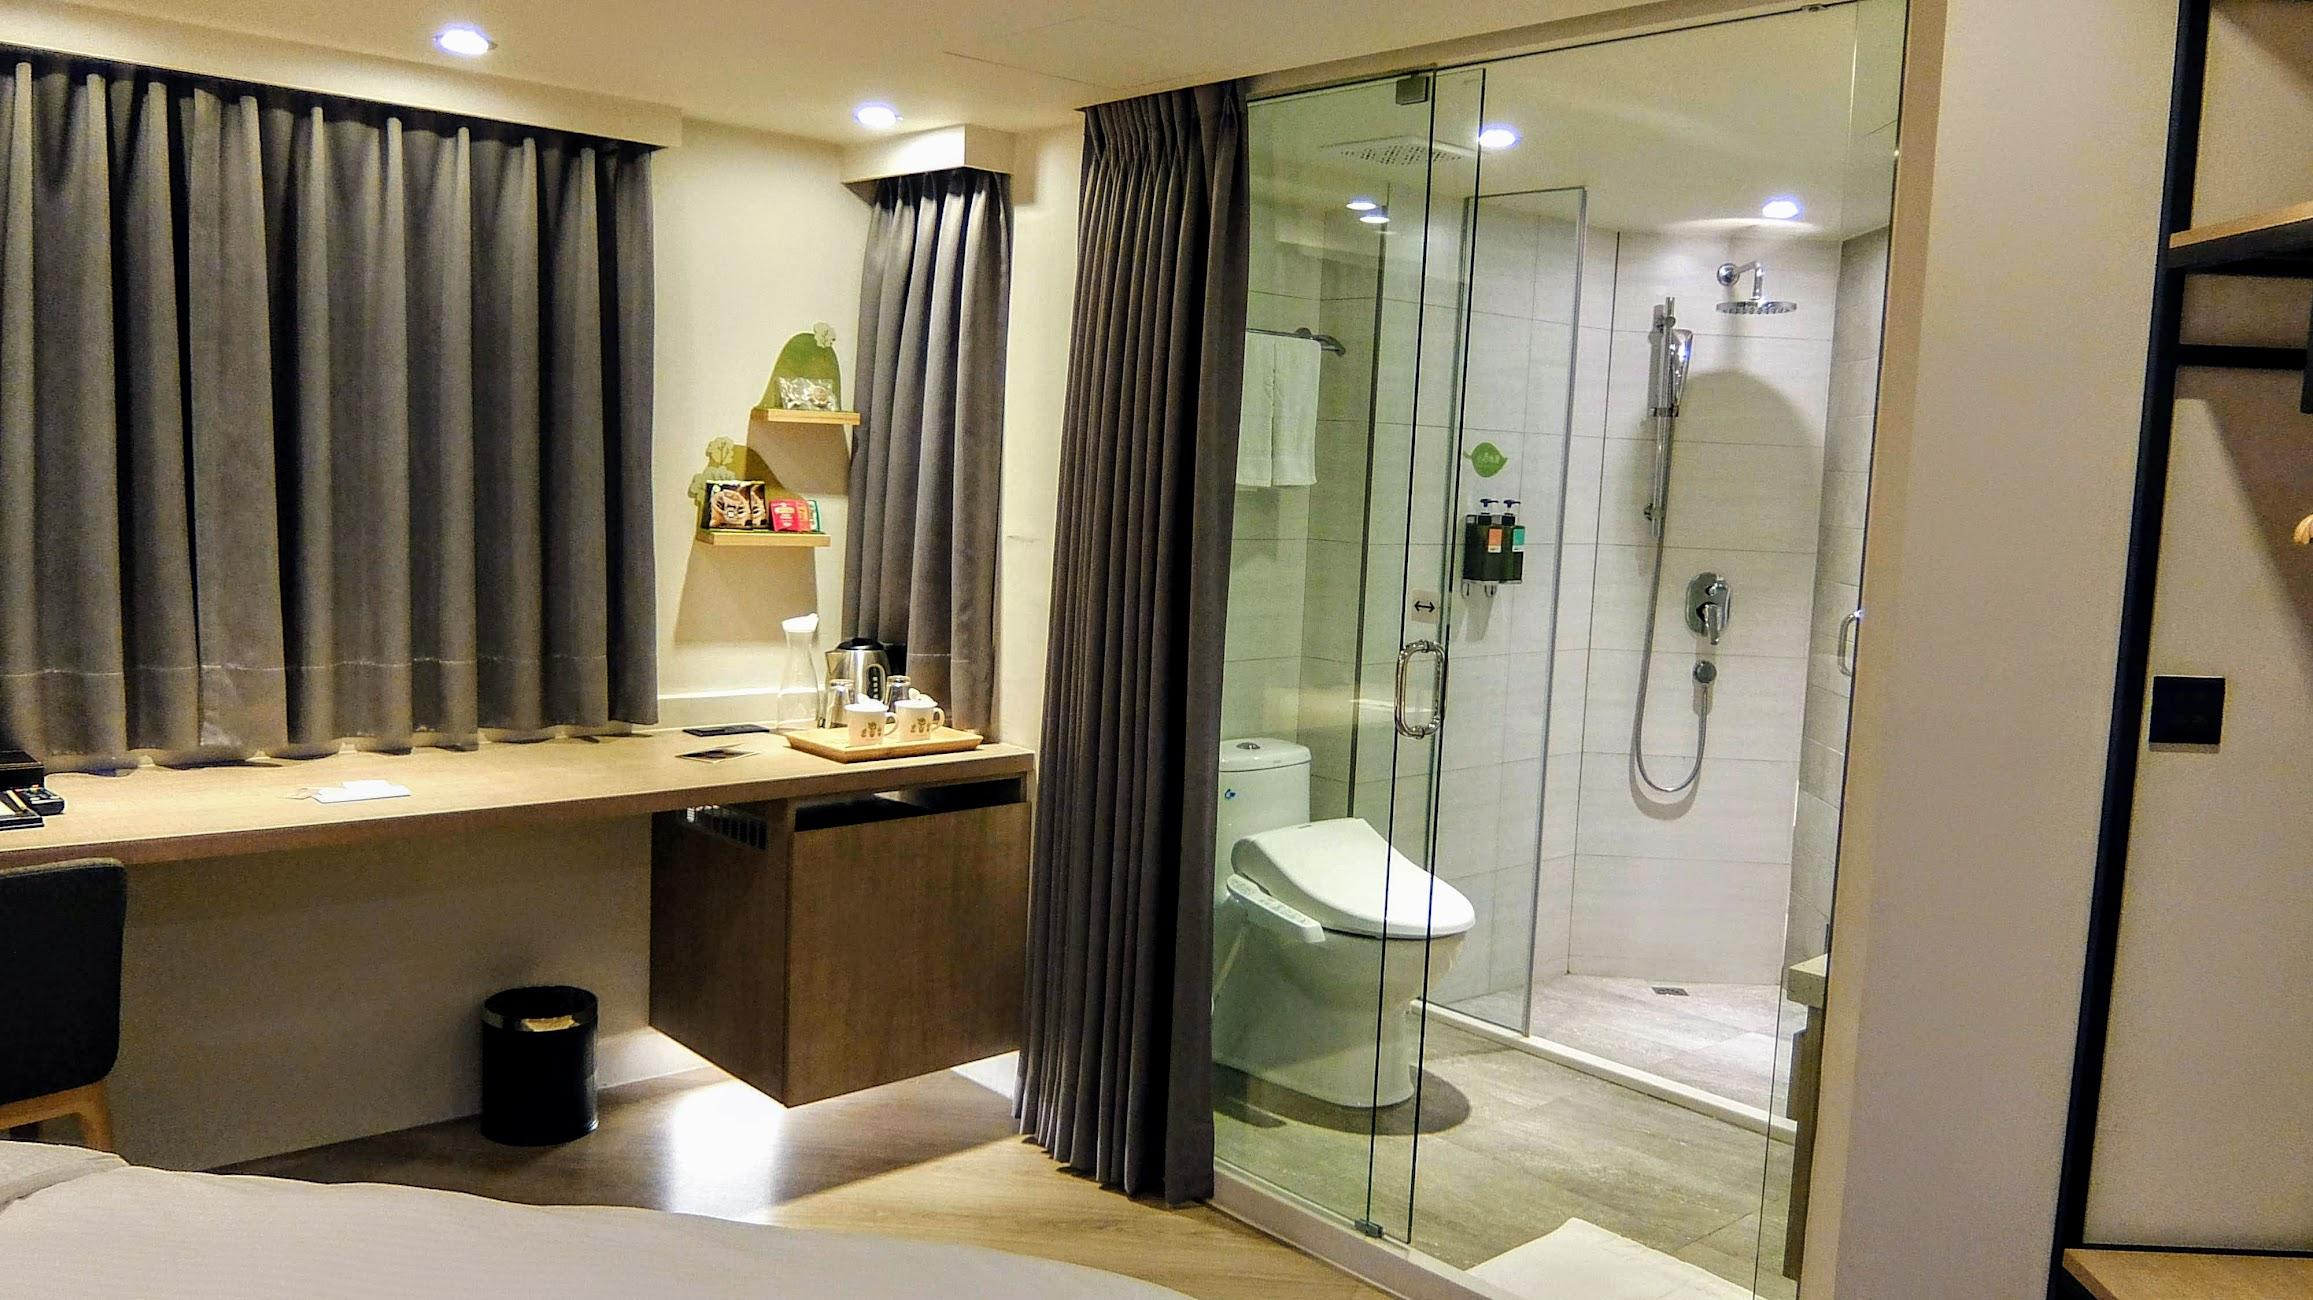 有書桌,有冰箱...另外廁所/浴室是很開放式的,還好有帘子可以拉